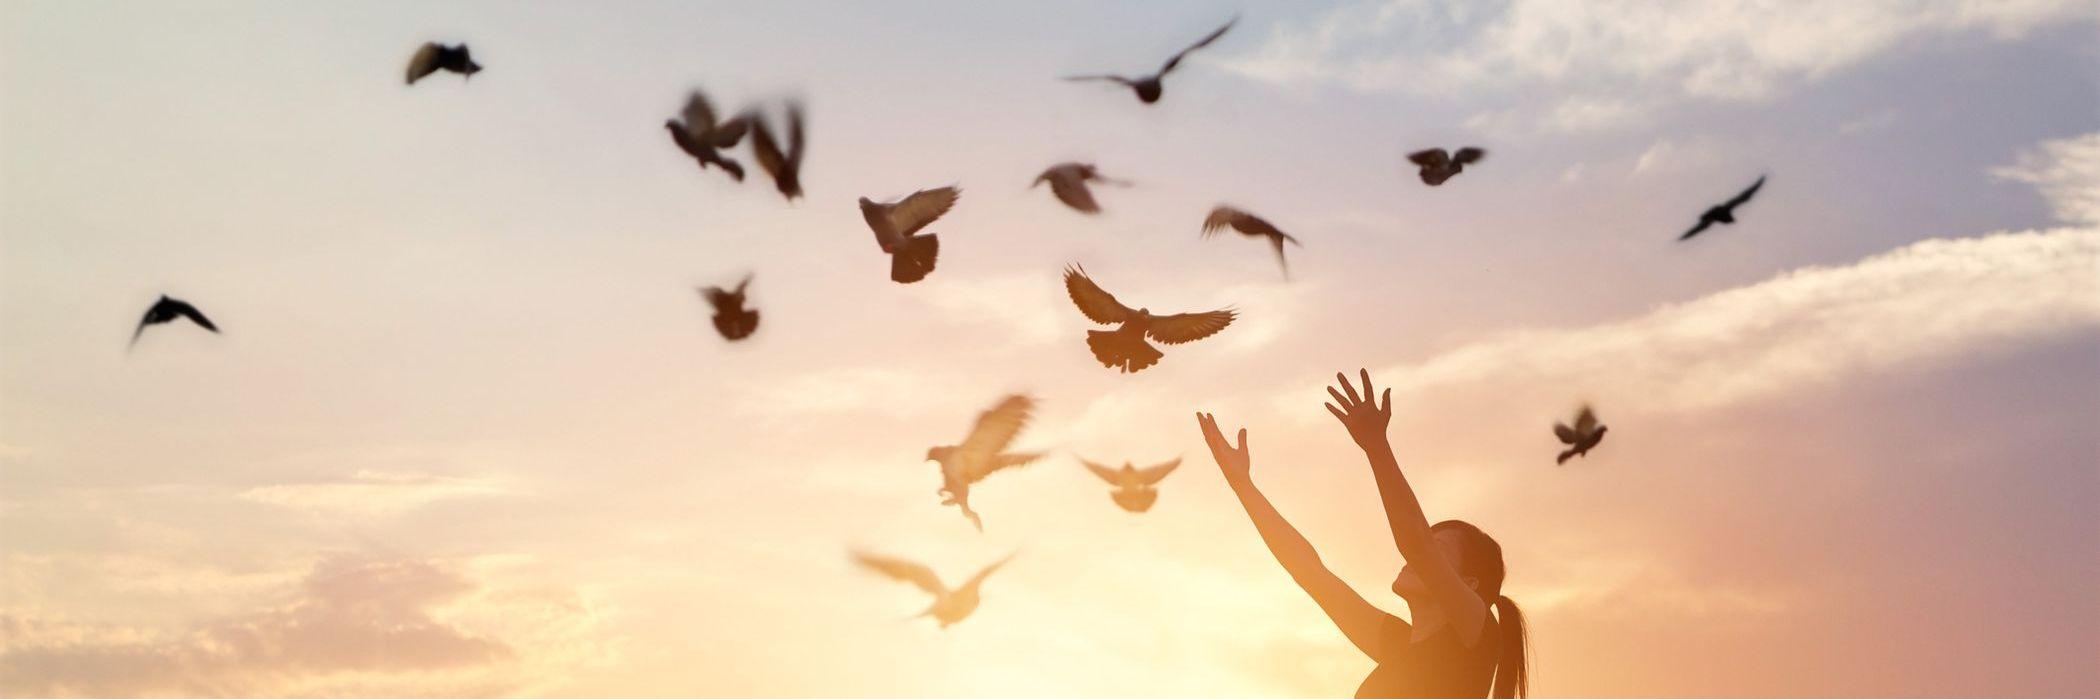 Etre libre et relié, prendre son envol, revivre après un choc Psychothérapie corps esprit Somatic Experiencing Florencedewulf